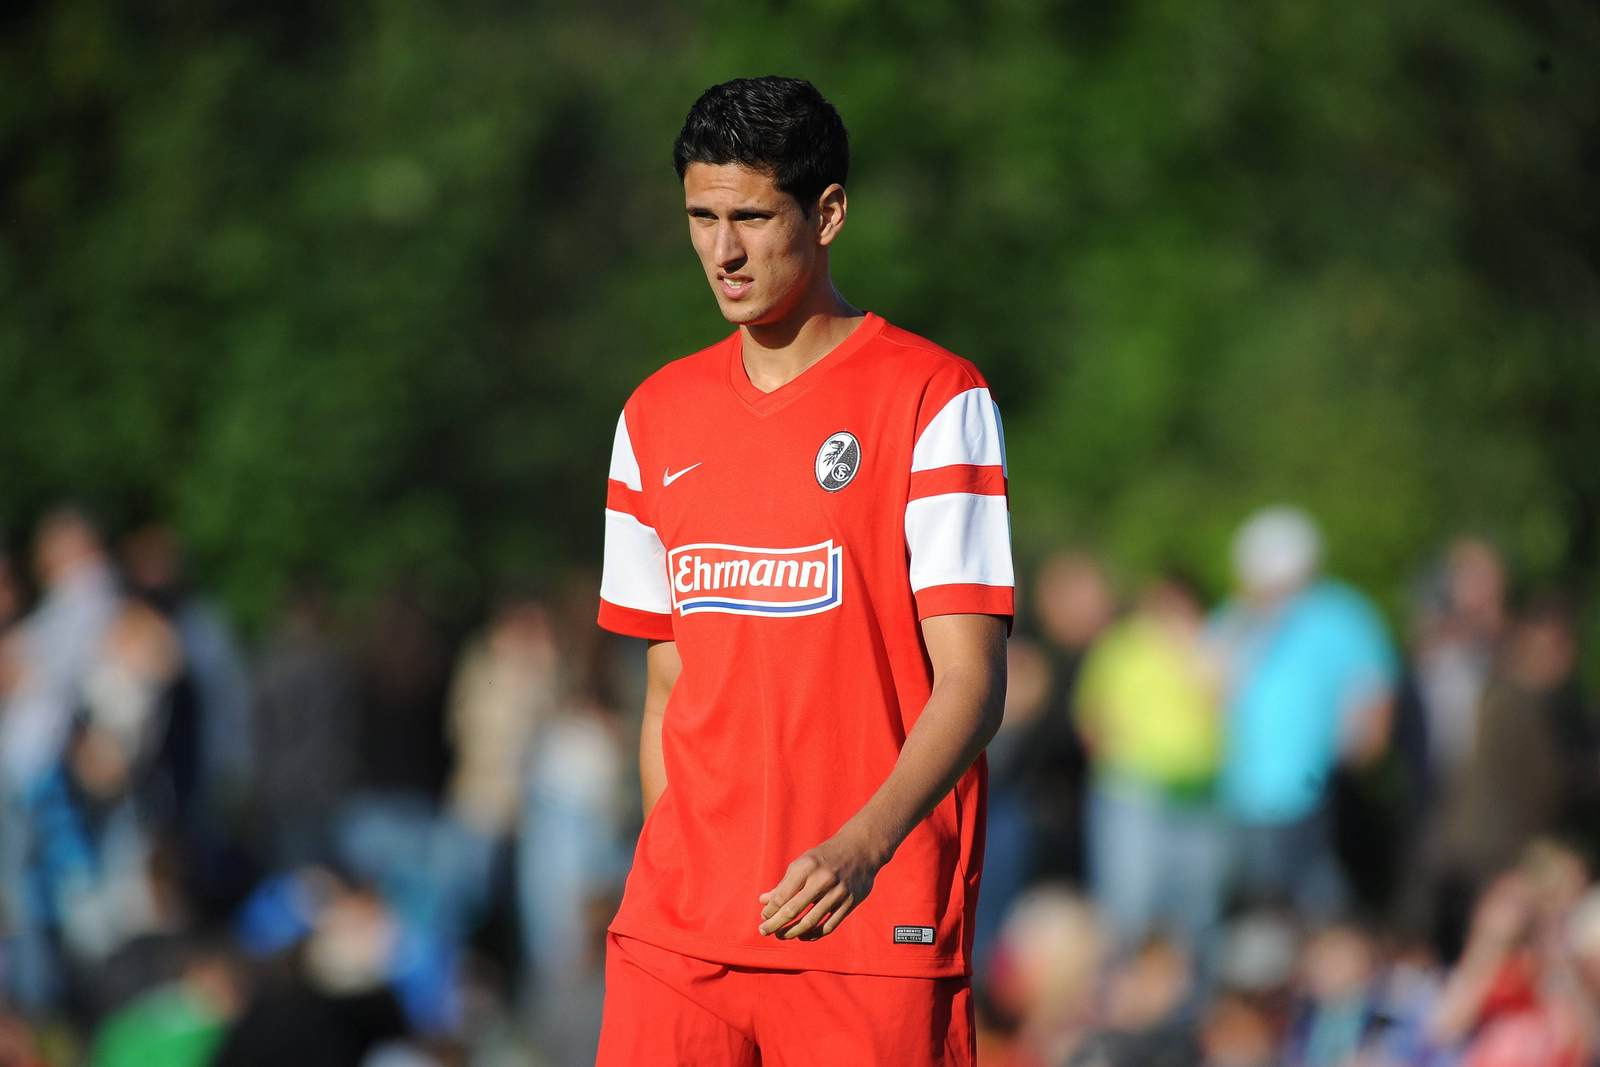 Amir Falahen im Trikot des SC Freiburg. Jetzt wechselt er zu Fortuna Köln.